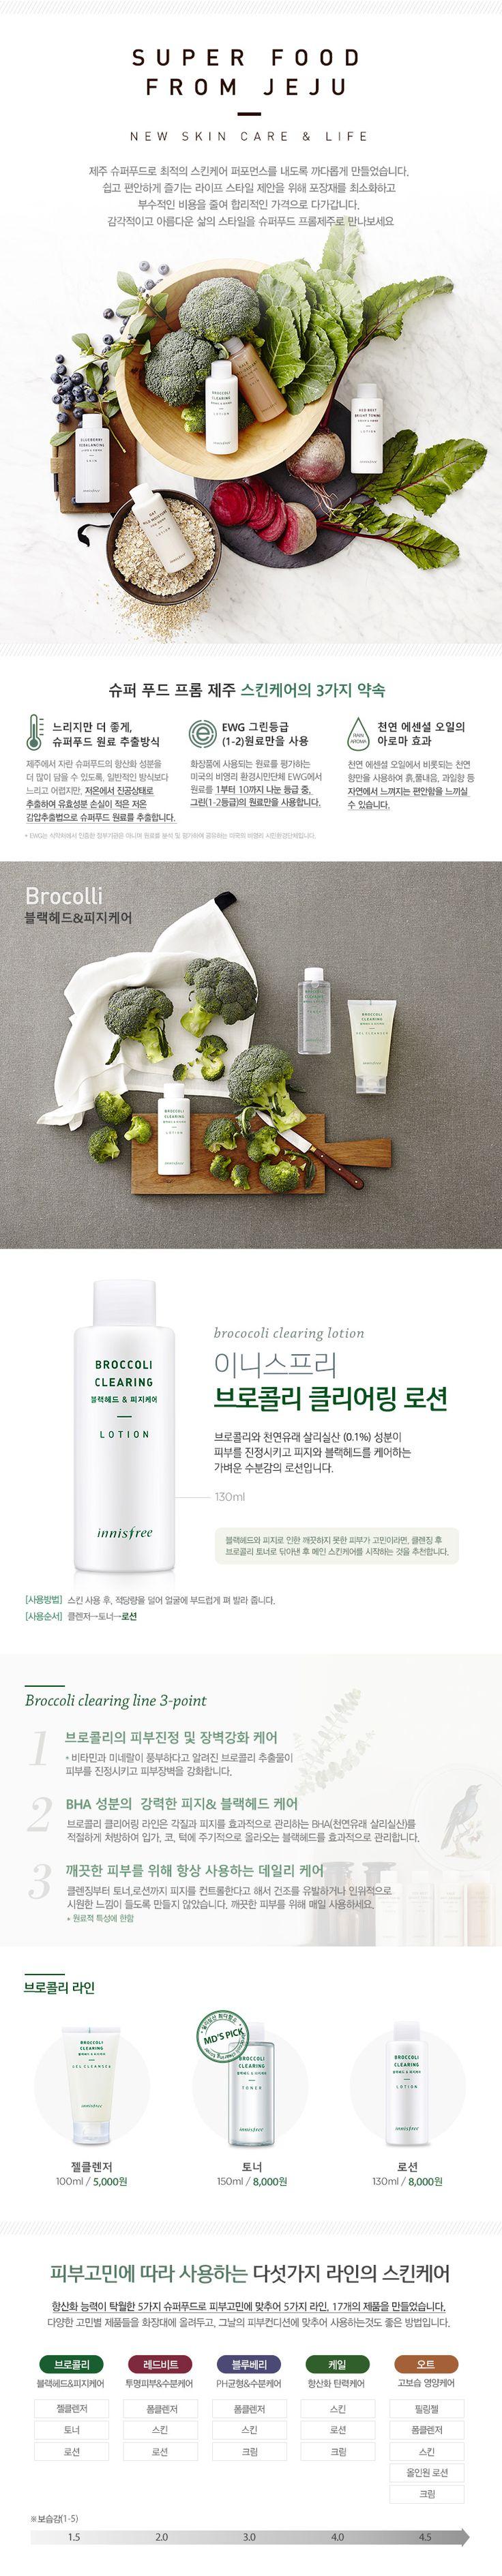 쇼핑하기 > 스킨케어 > 로션 | Natural benefit from Jeju, innisfree